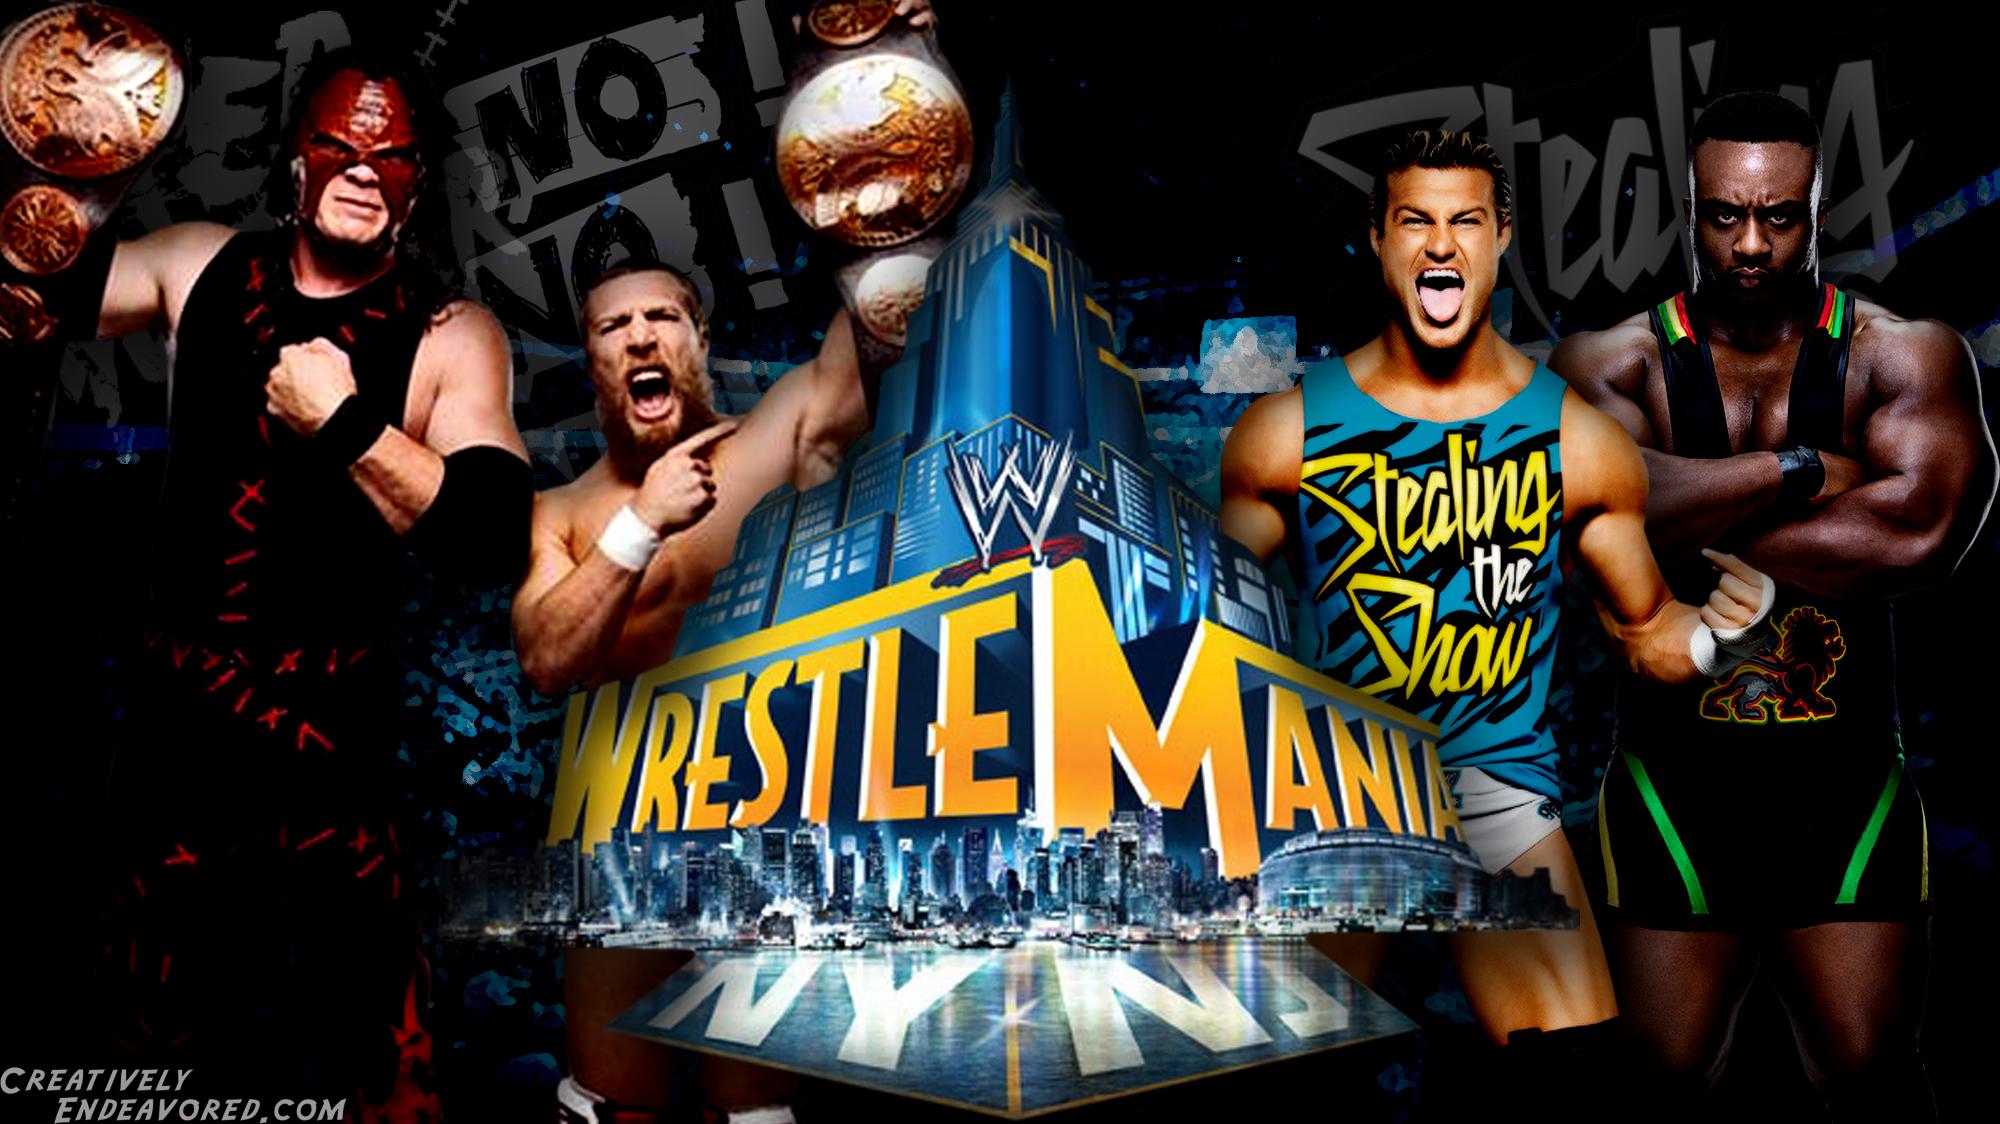 Weekend WrestleMania Wallpaper Team Hell No vs Dolph Ziggler Big E 2000x1124